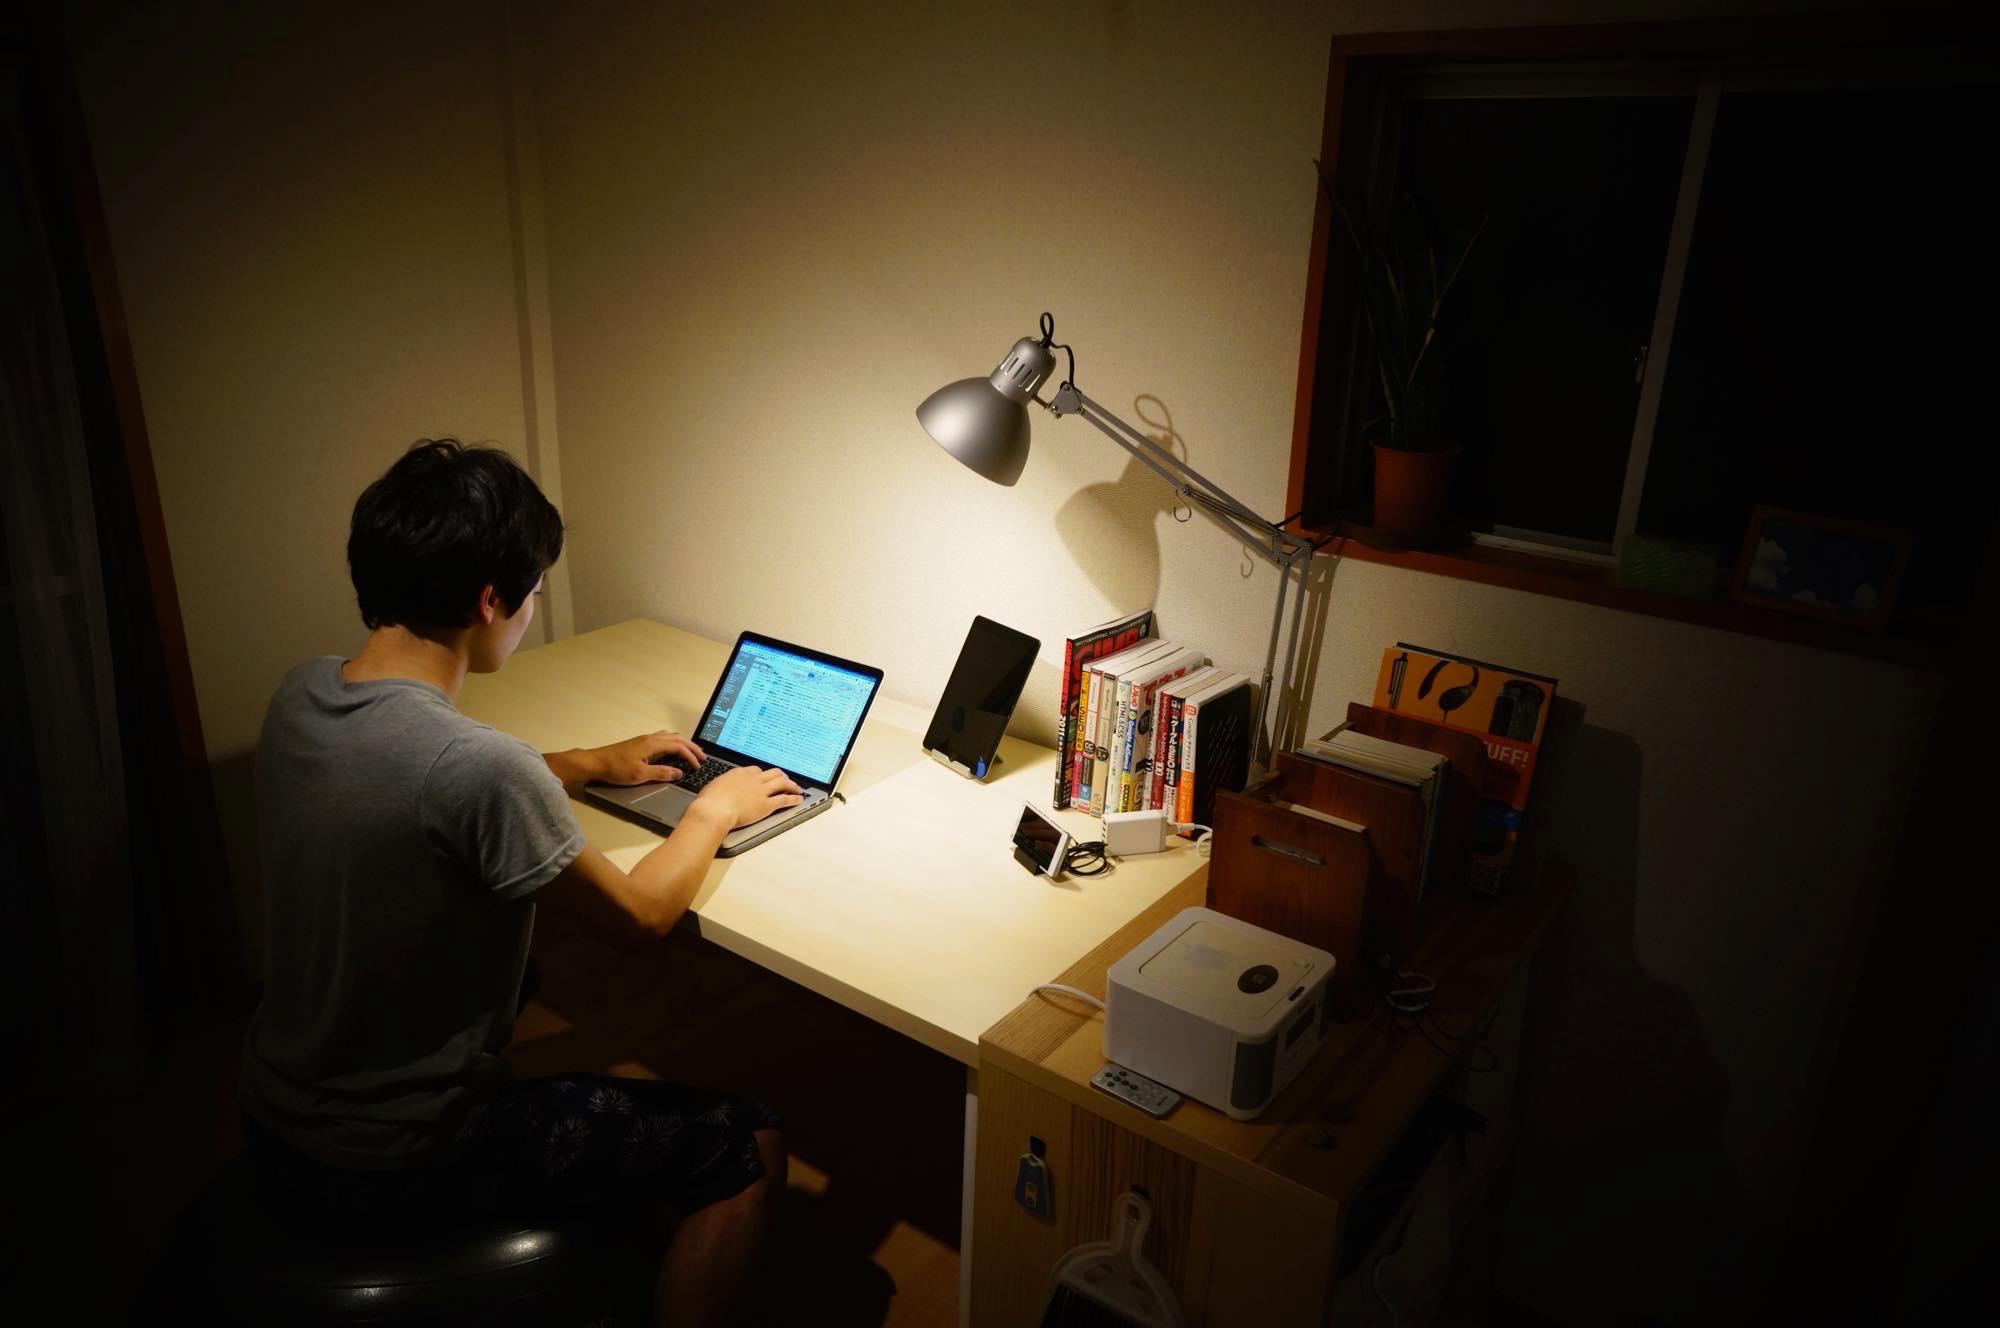 一人暮らし イケアでpcデスクを構築 6000円で広々デスクトップ環境を